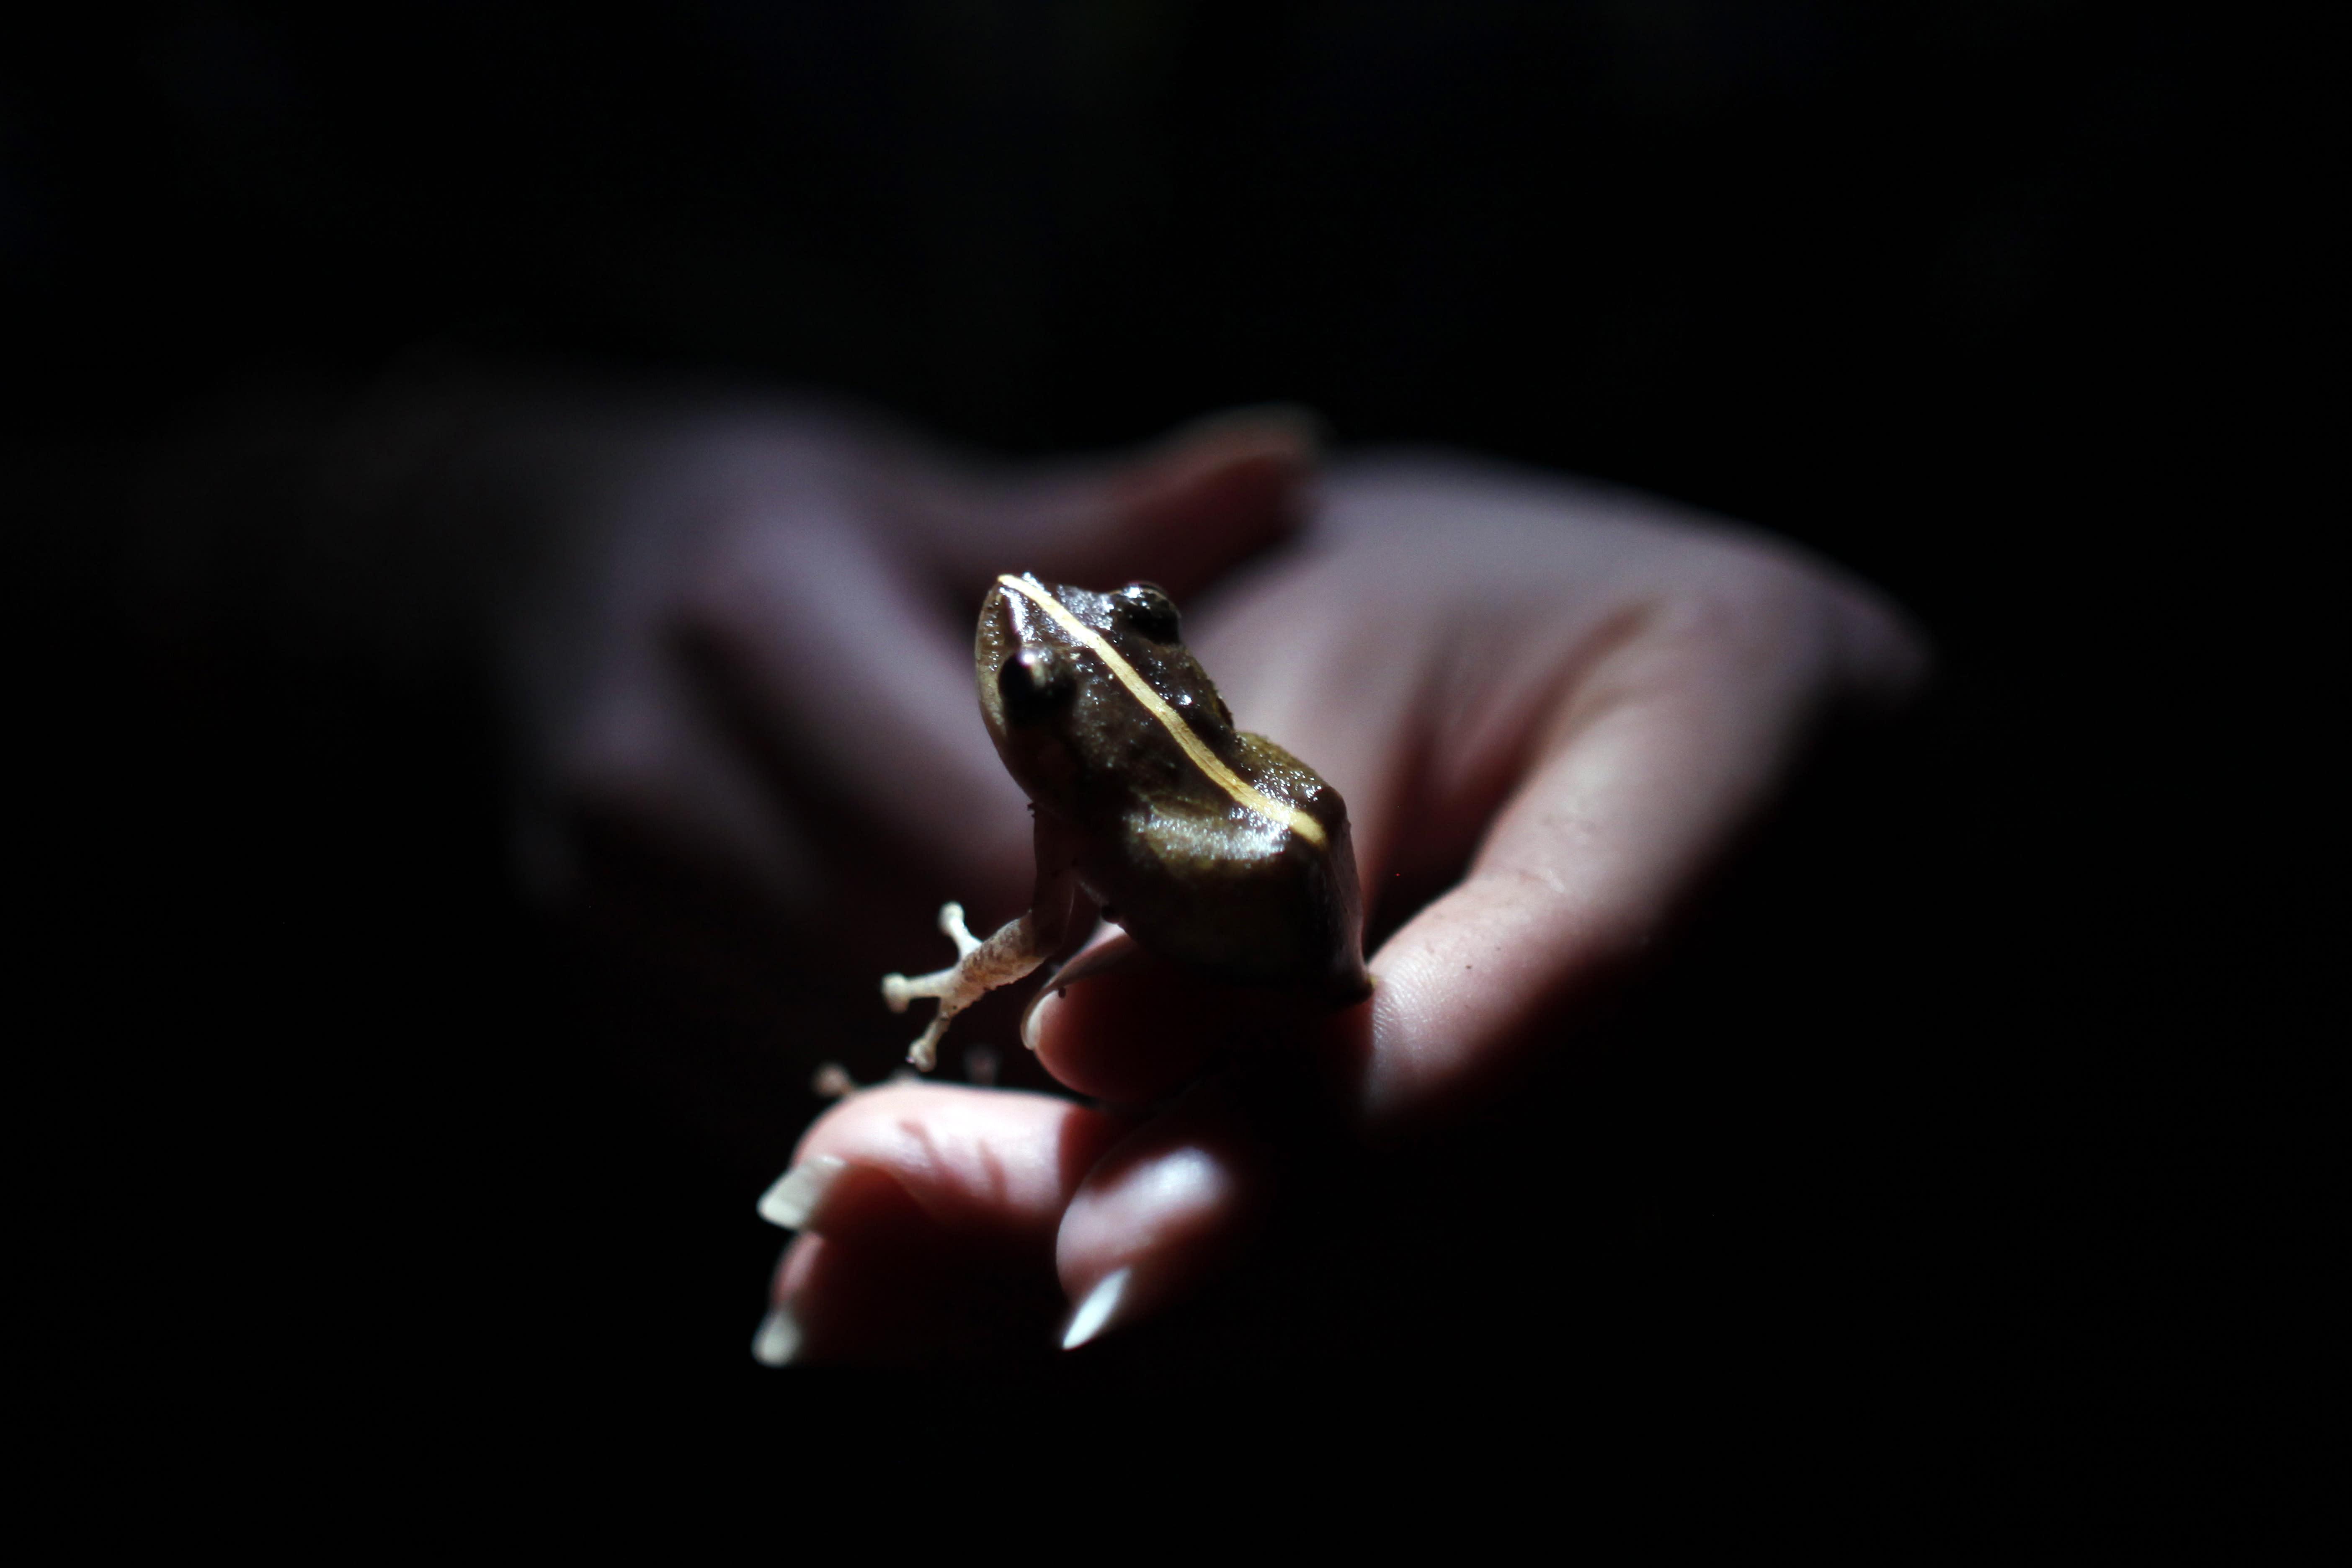 En una foto del 21 de Marzo de 2013, la investigadora Ana Longo sostiene una rana Coqui (Eleutherodactylus coqui) en un bosque tropical de Patillas, Puerto Rico. Científicos informan que muchos tipos de anfibios, especialmente ranas, están desapareciendo probablemente por una combinación de pérdida de su hábitat, el cambio climático, la contaminación y un hongo virulento. (AP Foto/Ricardo Arduengo)